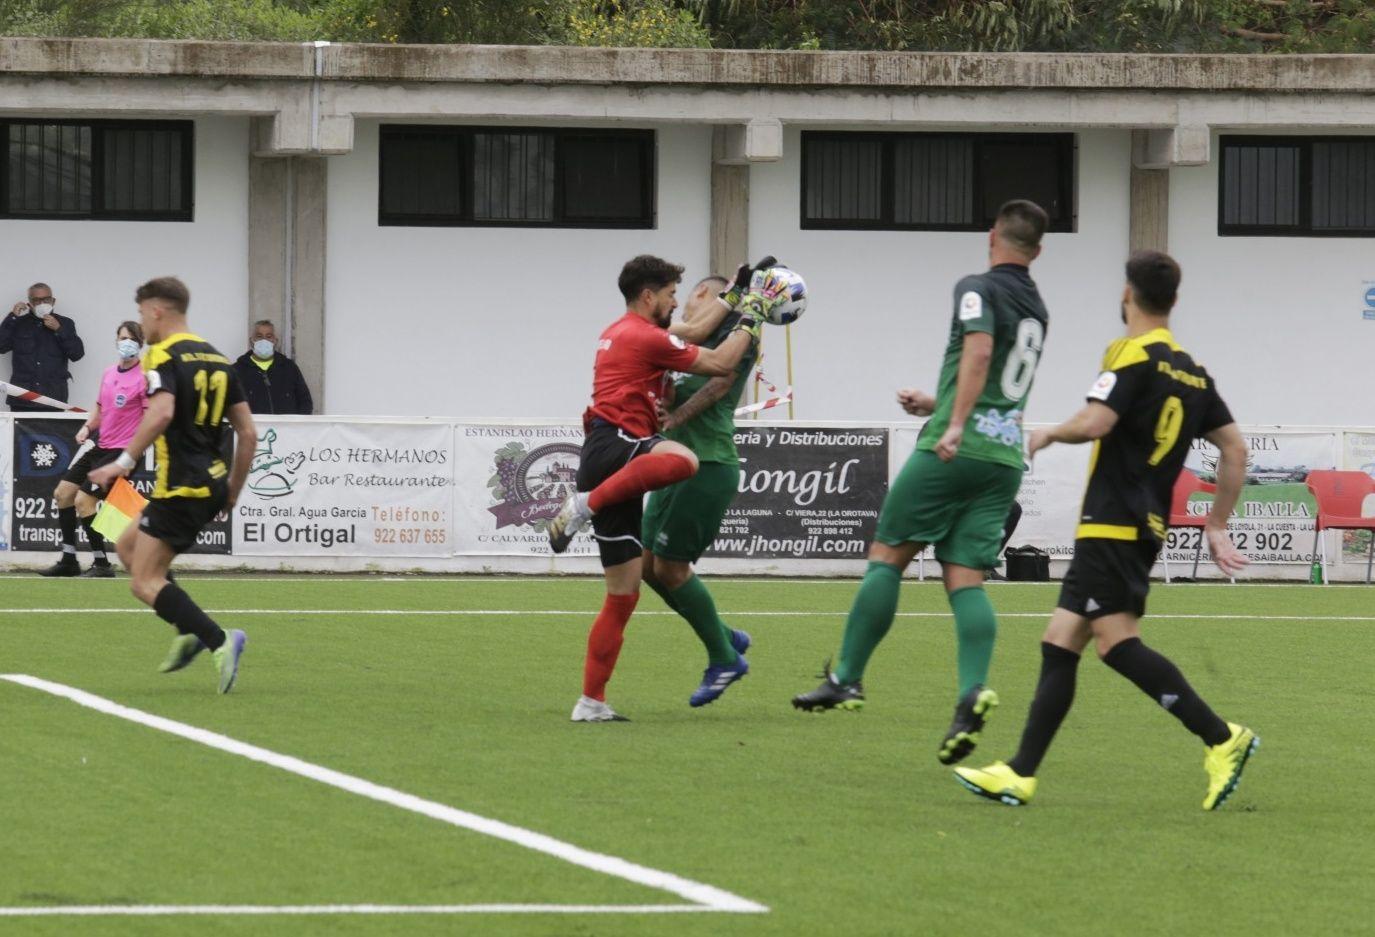 Partido de fútbol entre el Tacoronte y el Atlético Paso